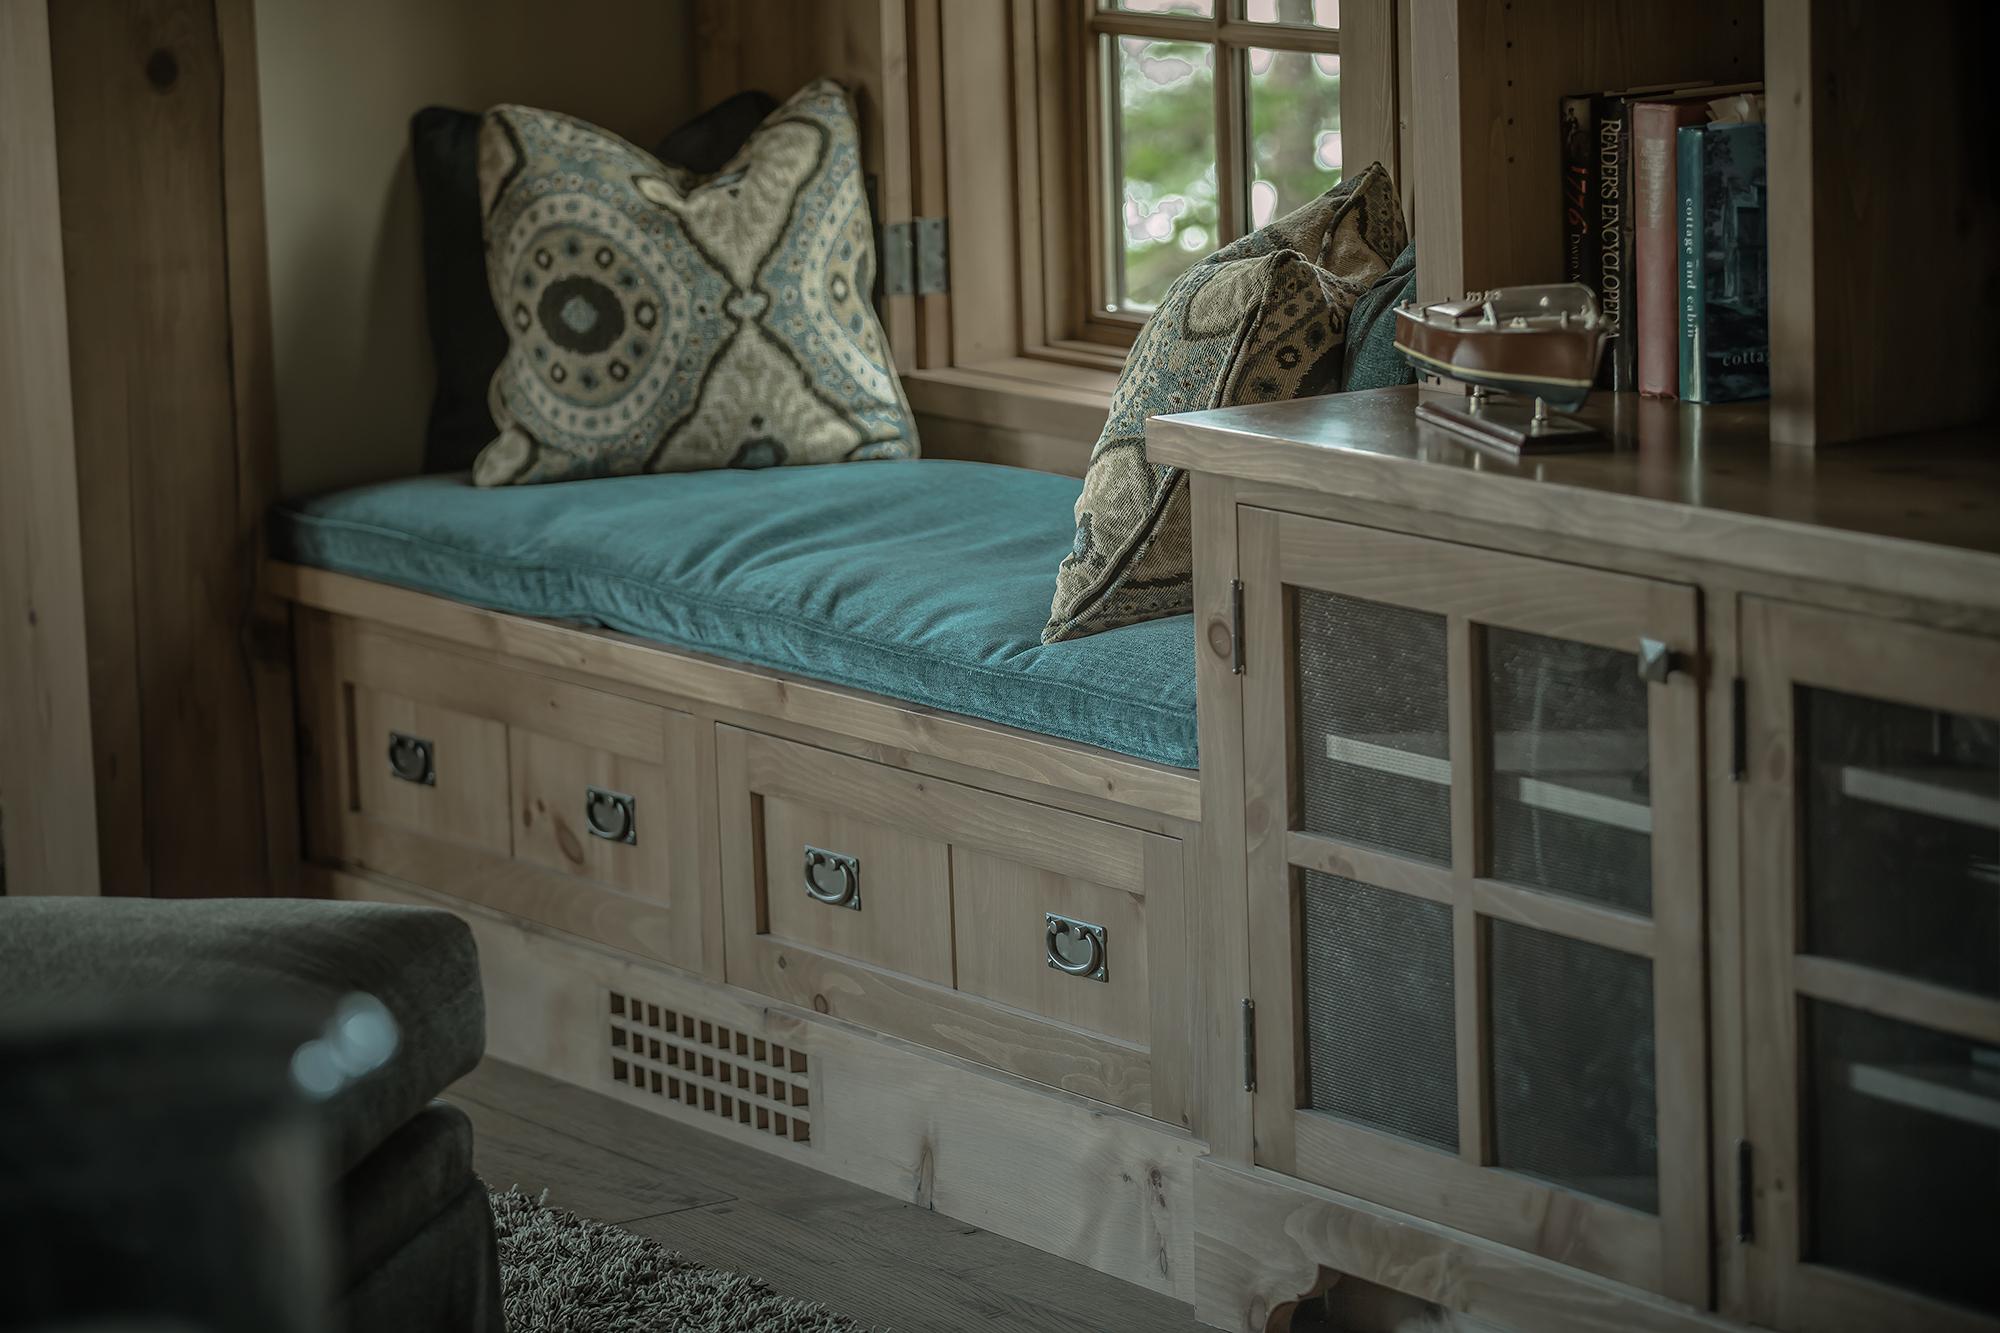 schwab-residence-window-seat.jpg